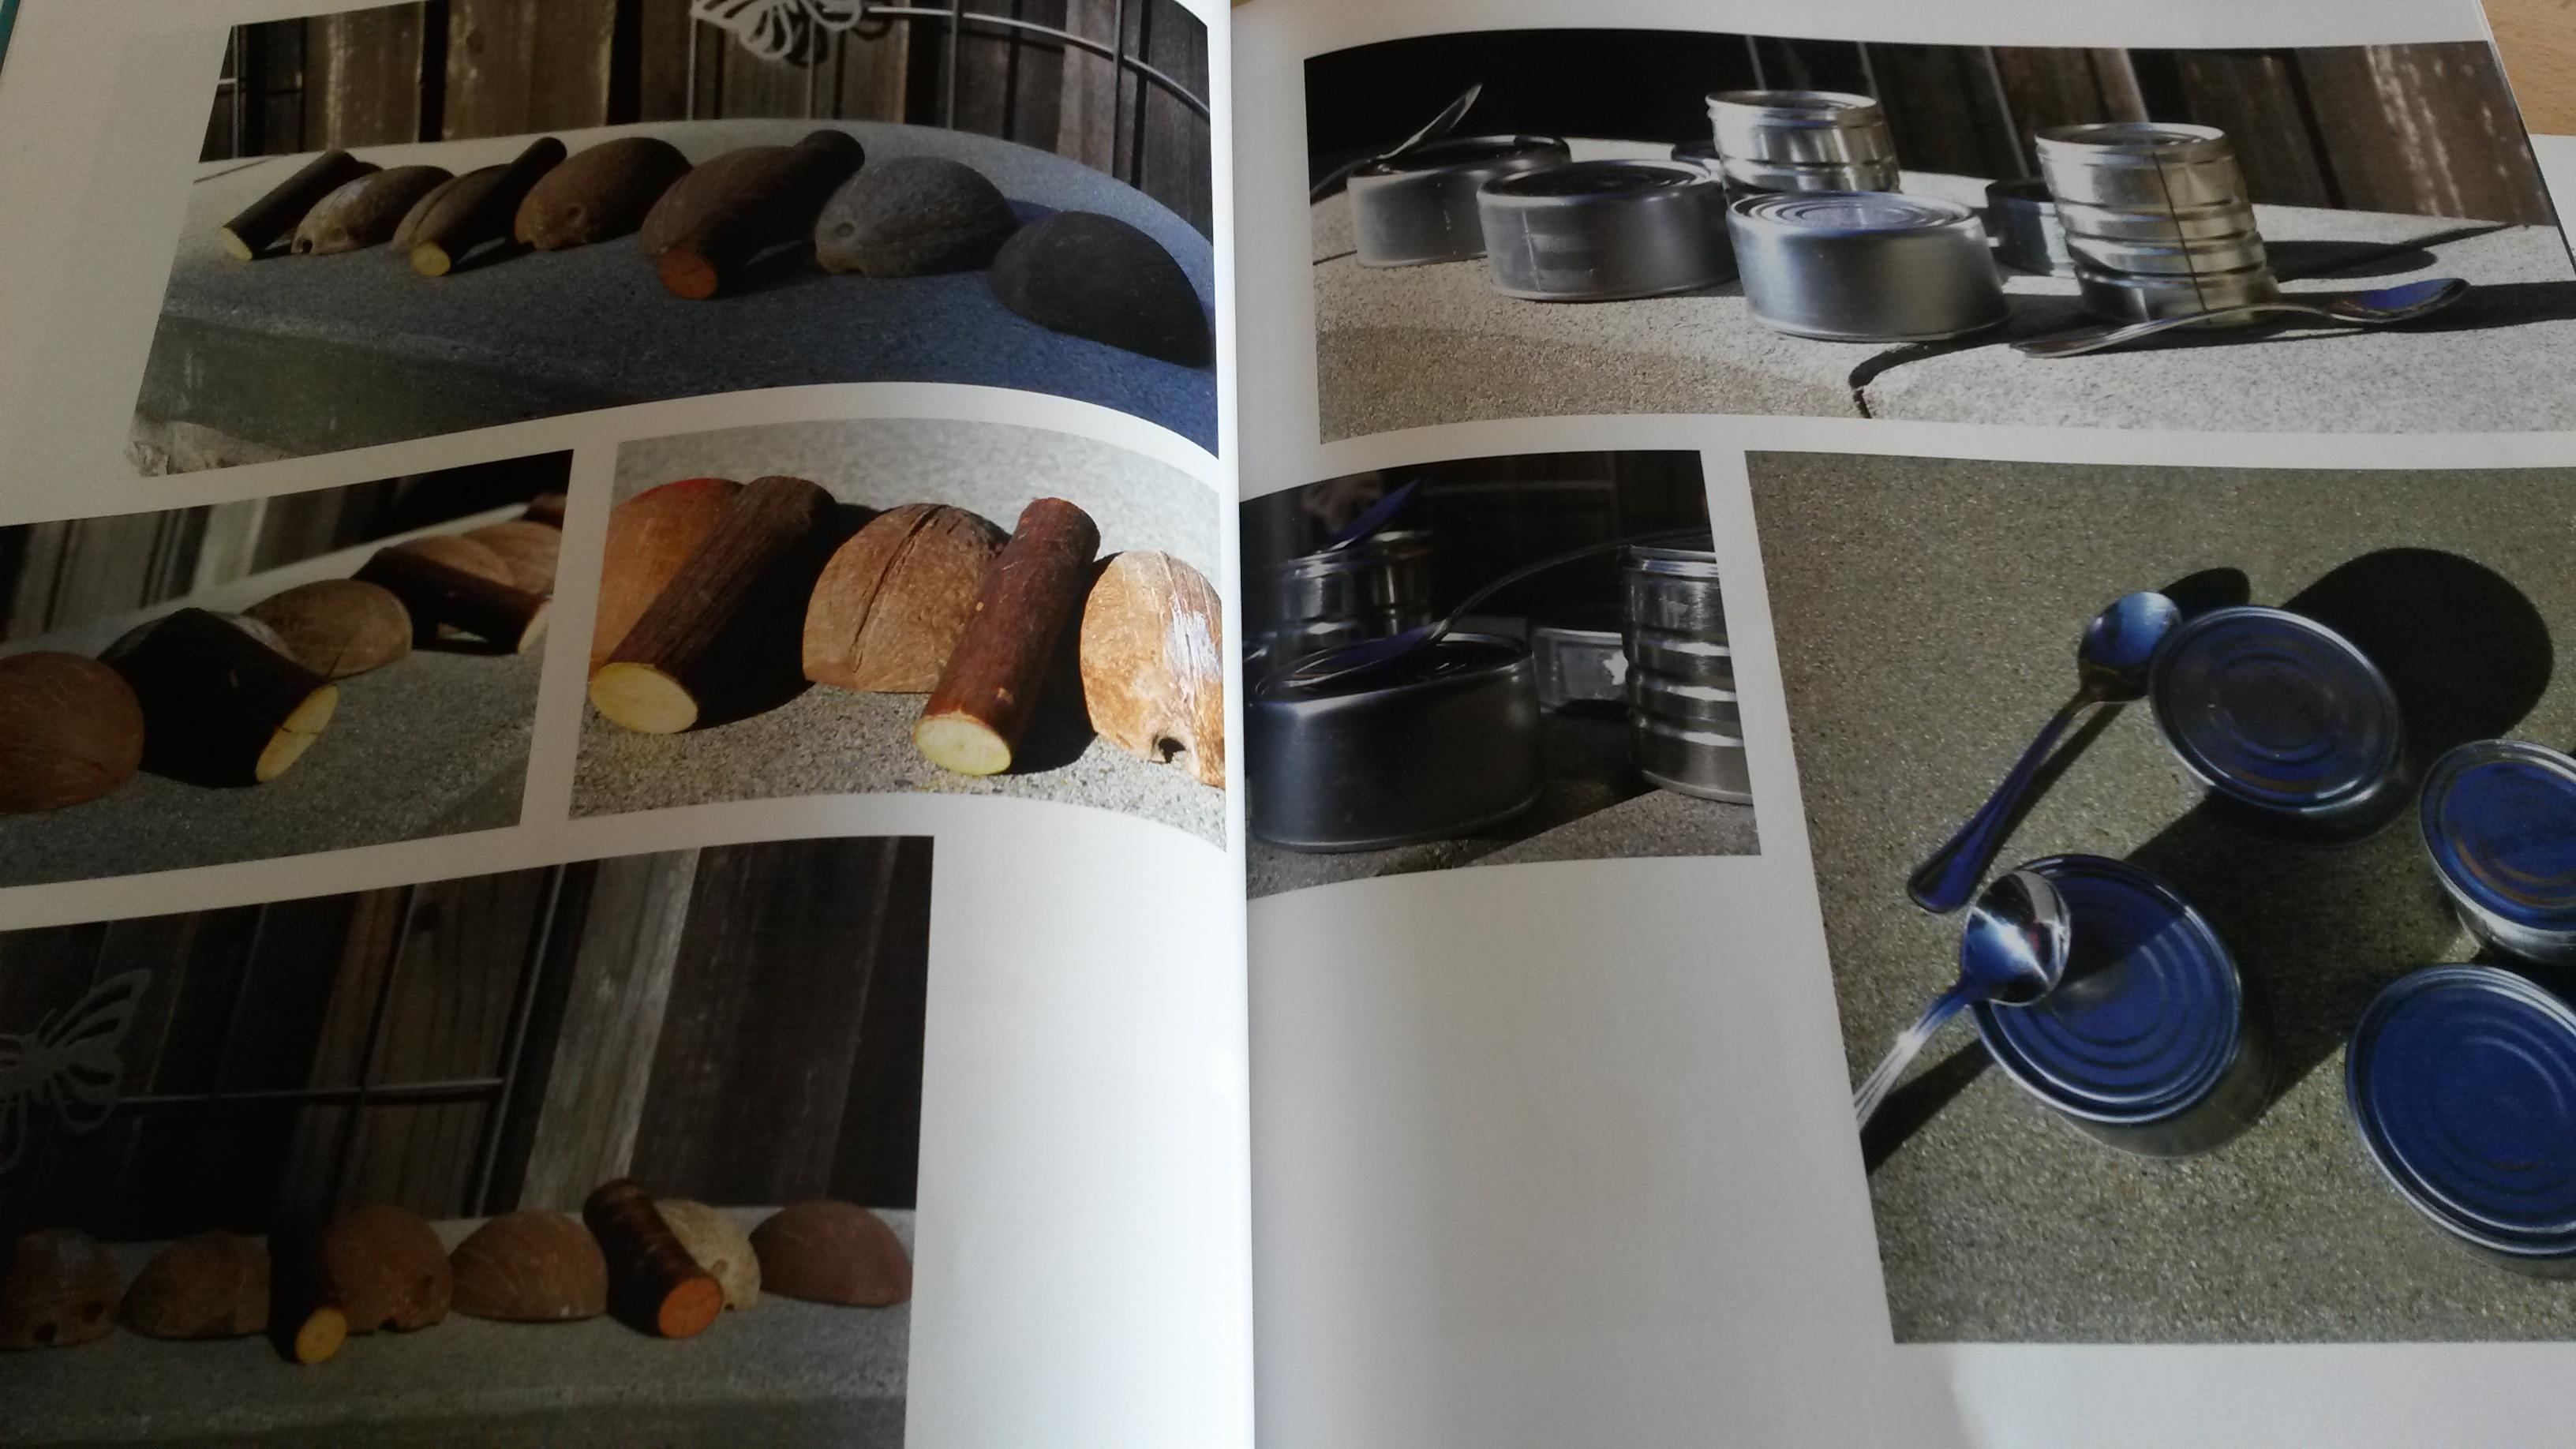 enfants 11 activit s faire dehors. Black Bedroom Furniture Sets. Home Design Ideas